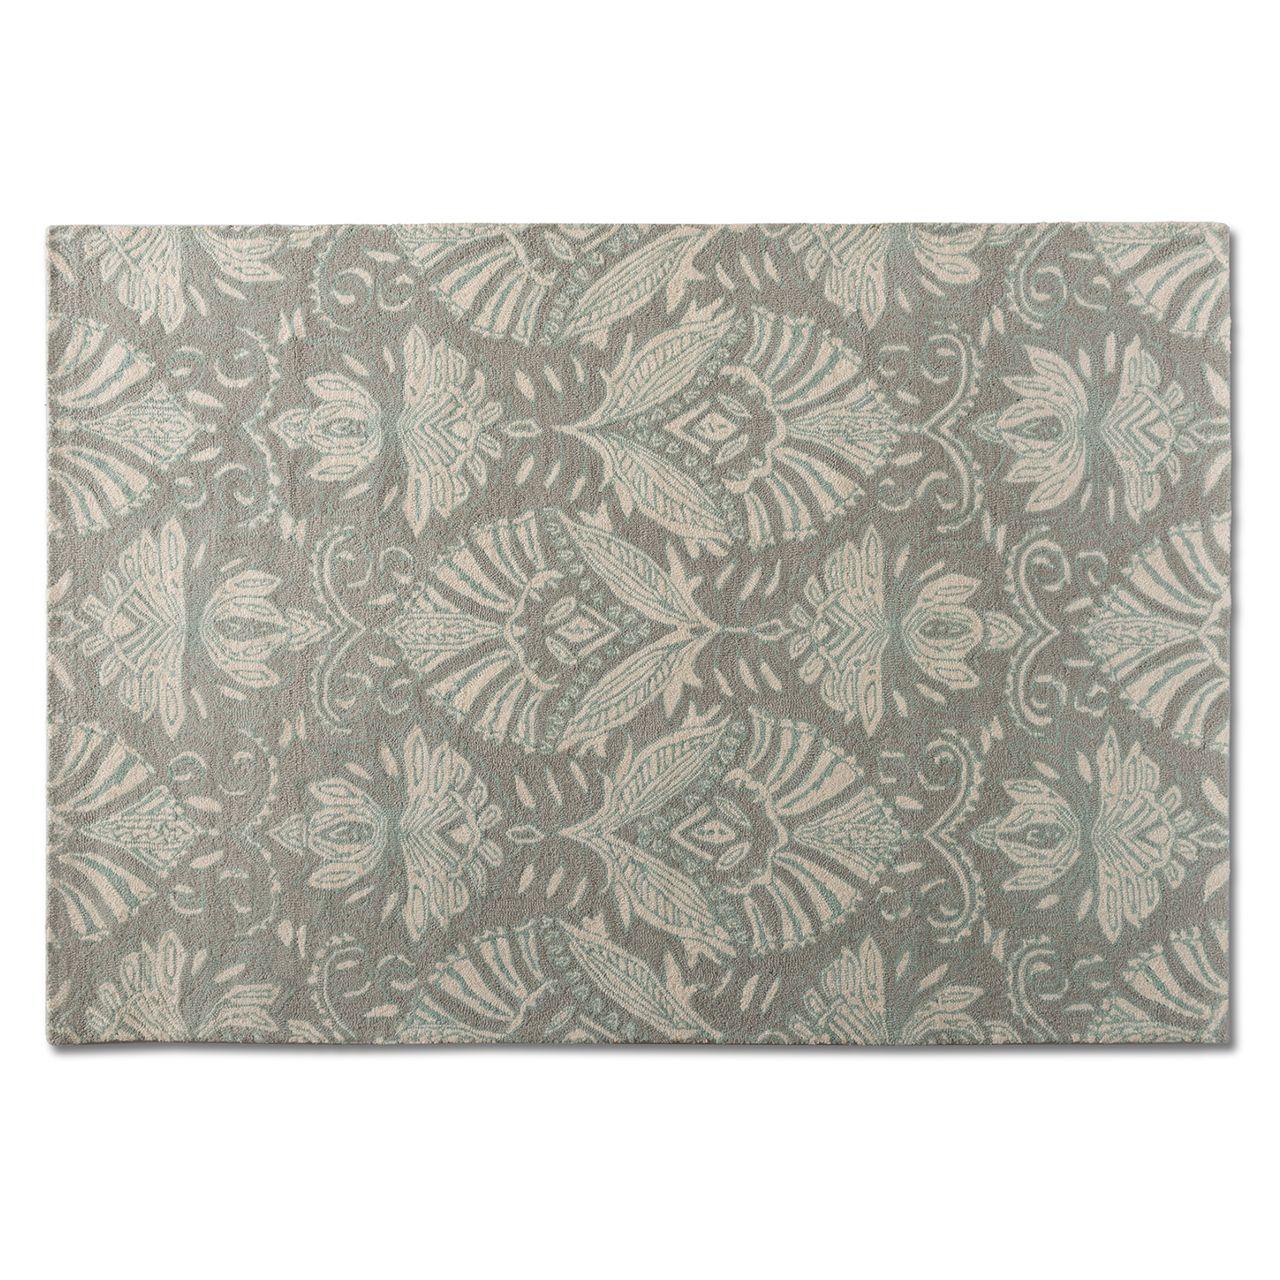 Baxton Studio Morain Grey Hand-Tufted Wool Area Rug